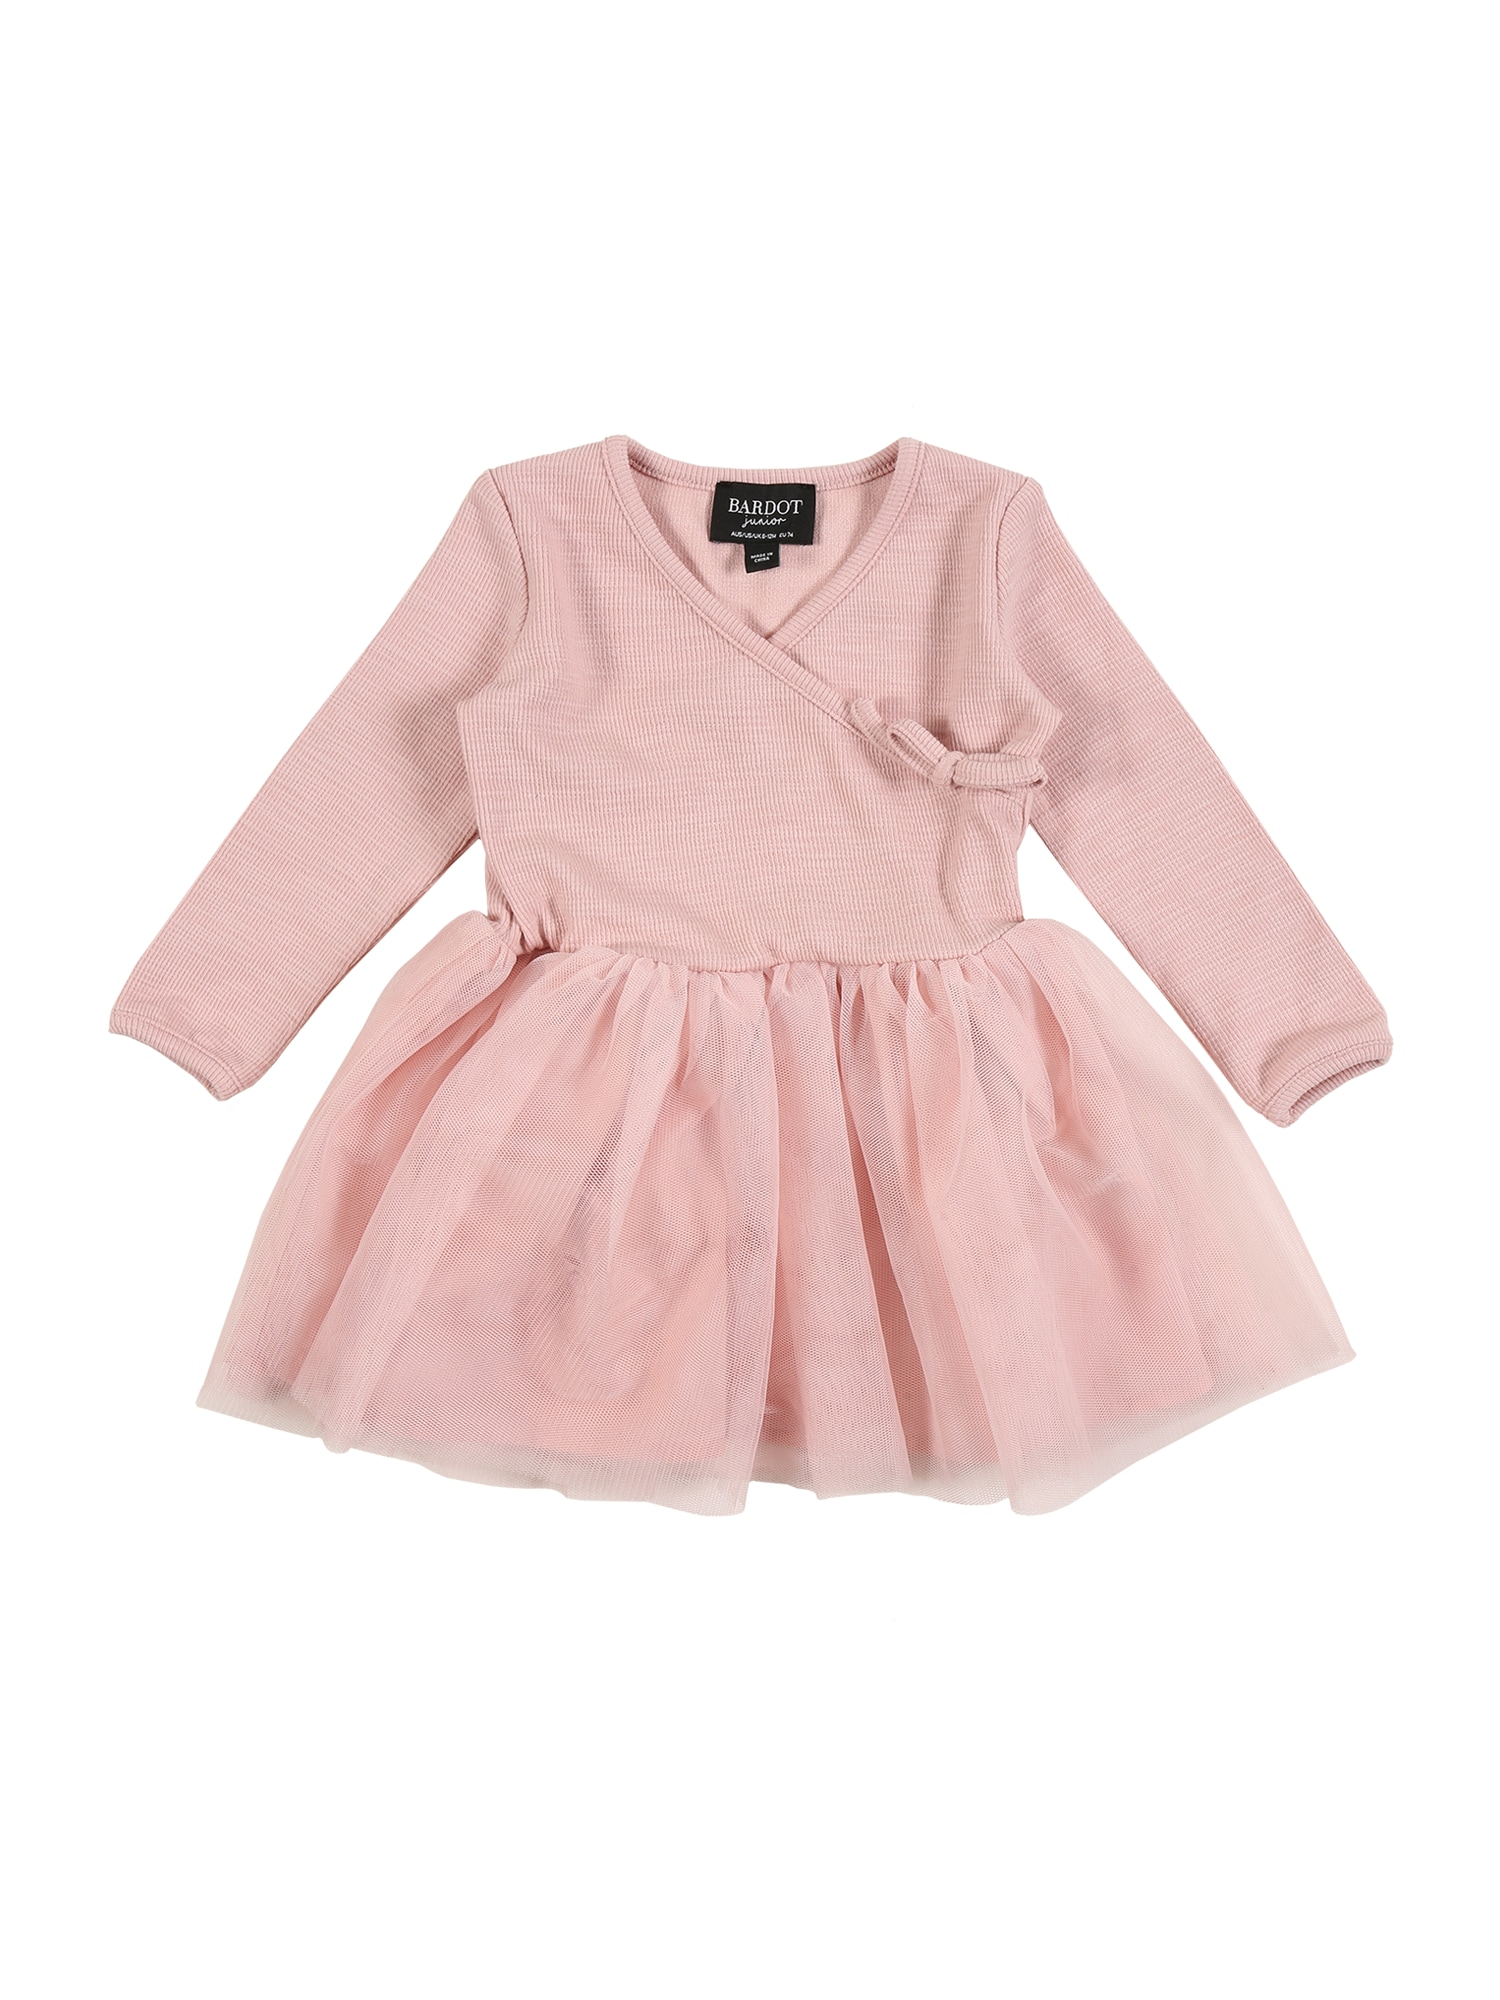 Bardot Junior Suknelė ryškiai rožinė spalva